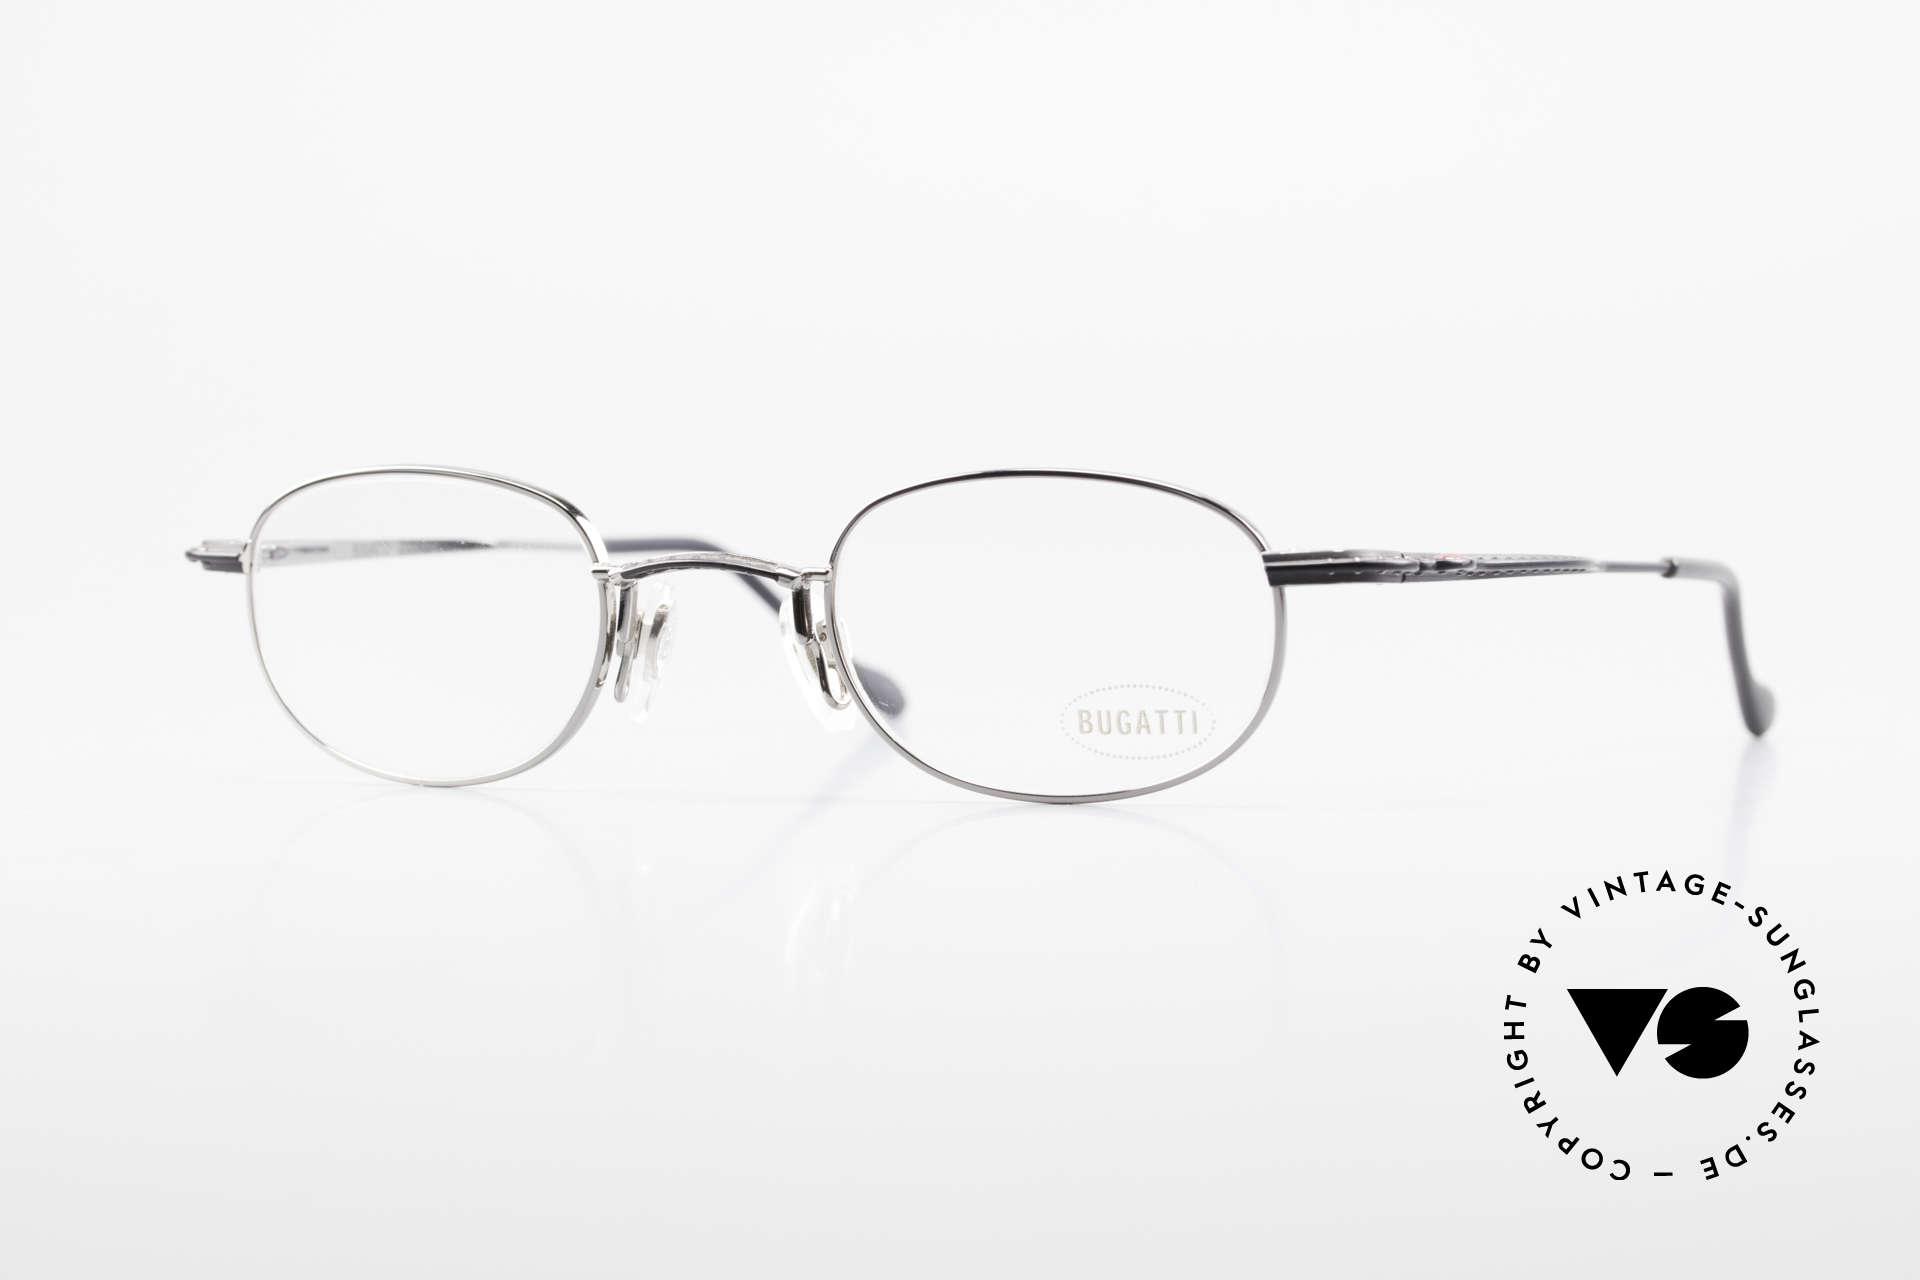 Bugatti 23562 Rare 90er Luxus Brillenfassung, sehr elegante vintage BUGATTI Brillenfassung, Passend für Herren